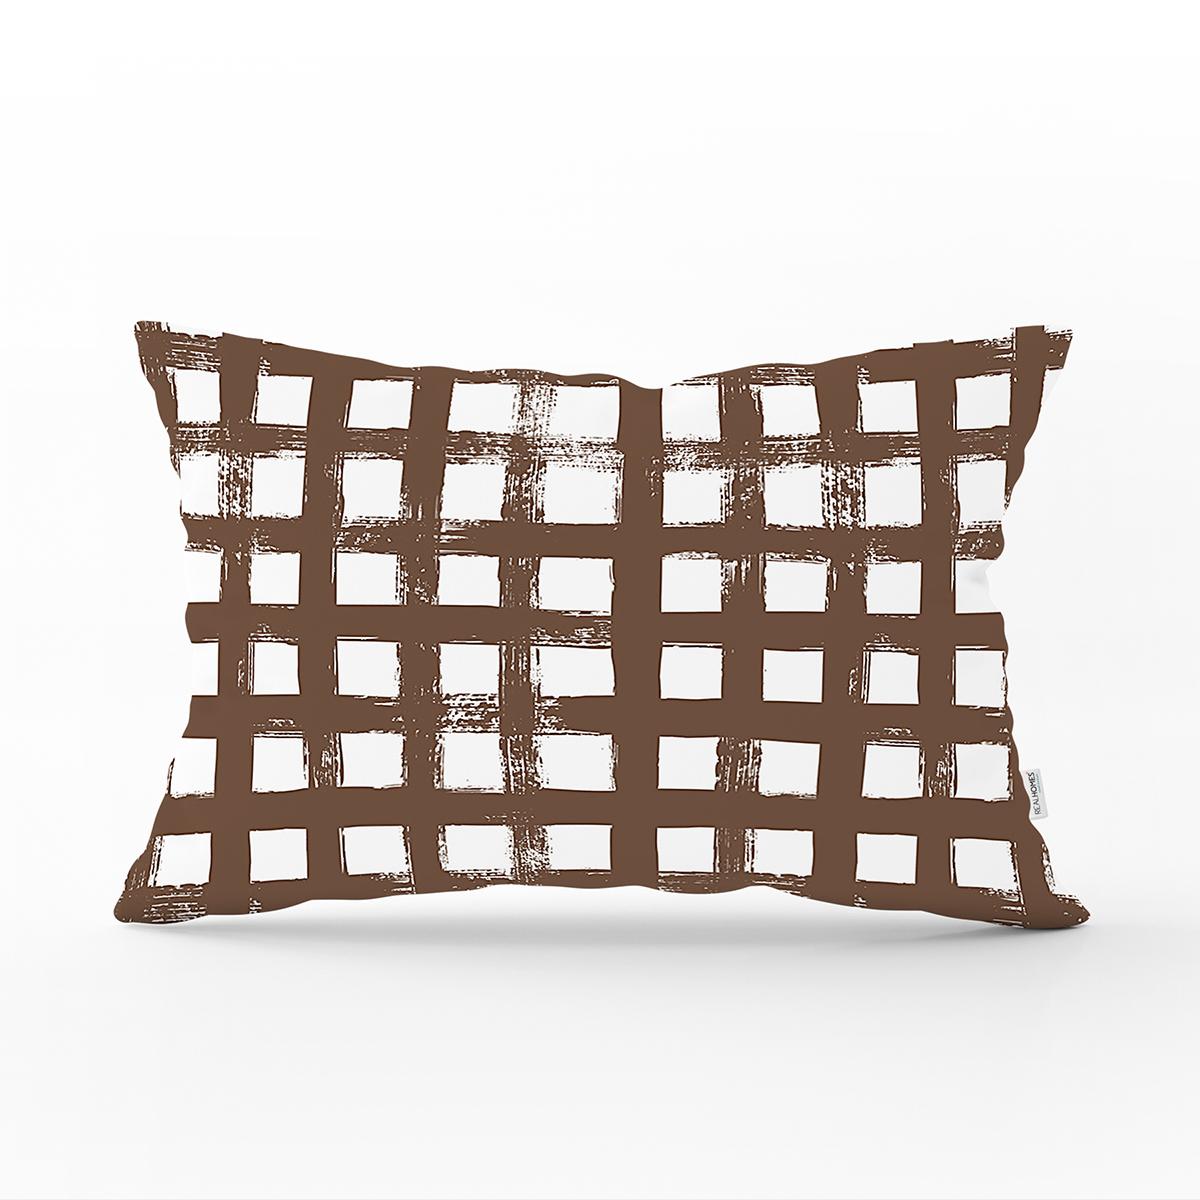 Kahve Zeminde Geometrik Kare Motifli Dekoratif Dikdörtgen Yastık Kılıfı Realhomes